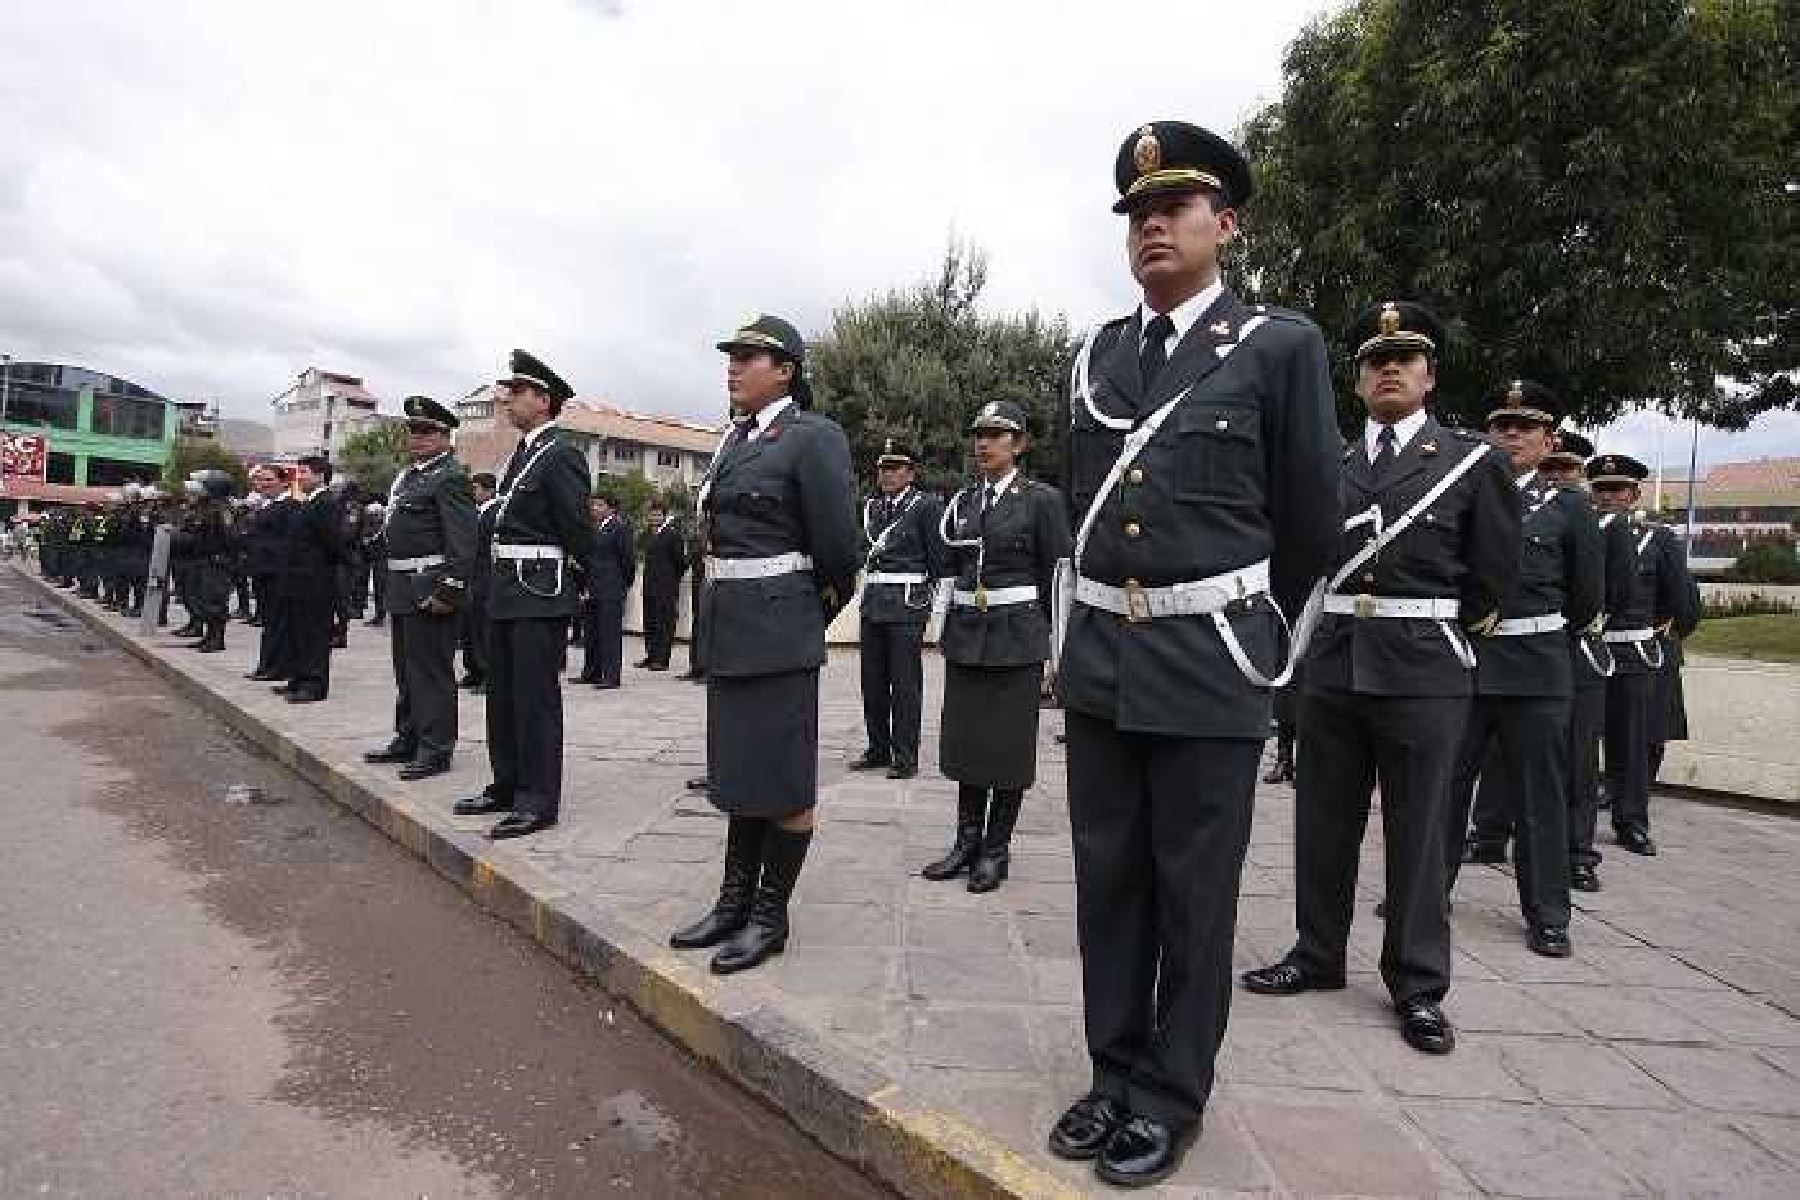 Policía y autoridades multisectoriales harán cumplir el Plan Sol, seguridad, orden y limpieza.